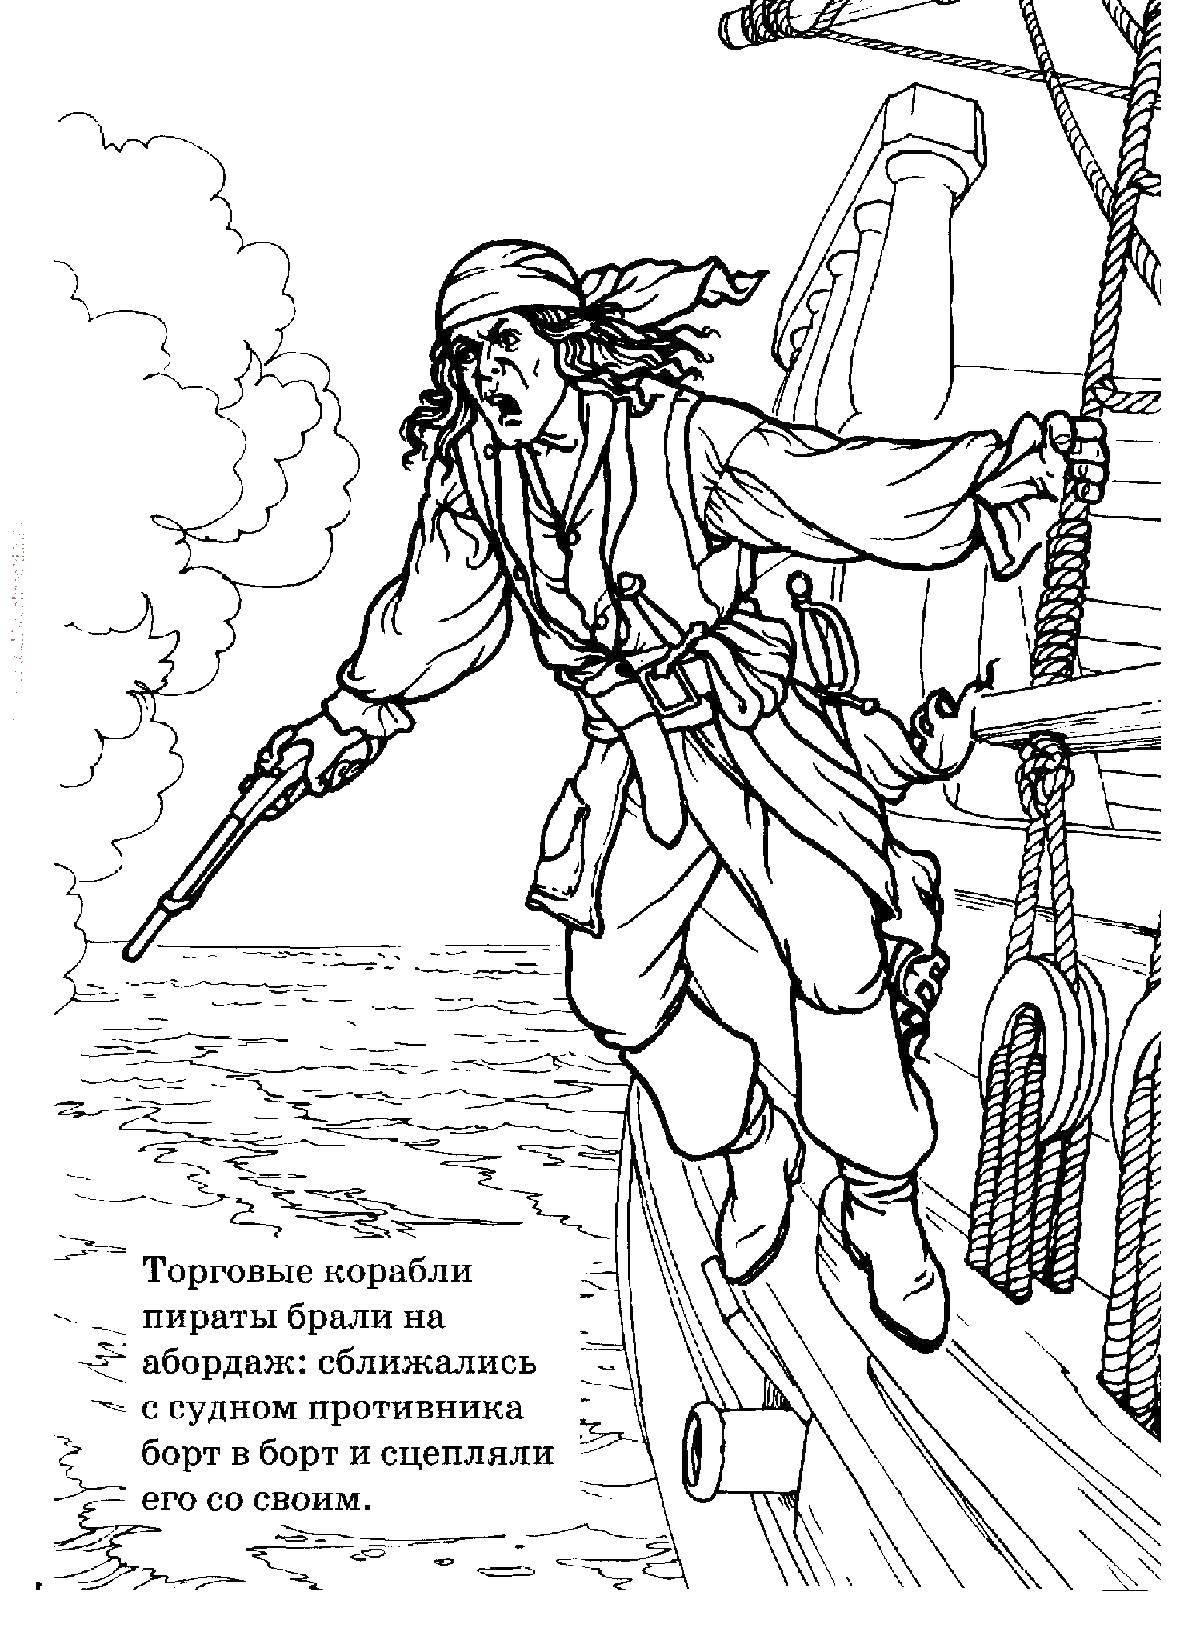 Раскраска Пираты Скачать ,на мышление, логика, задача, загадка,.  Распечатать